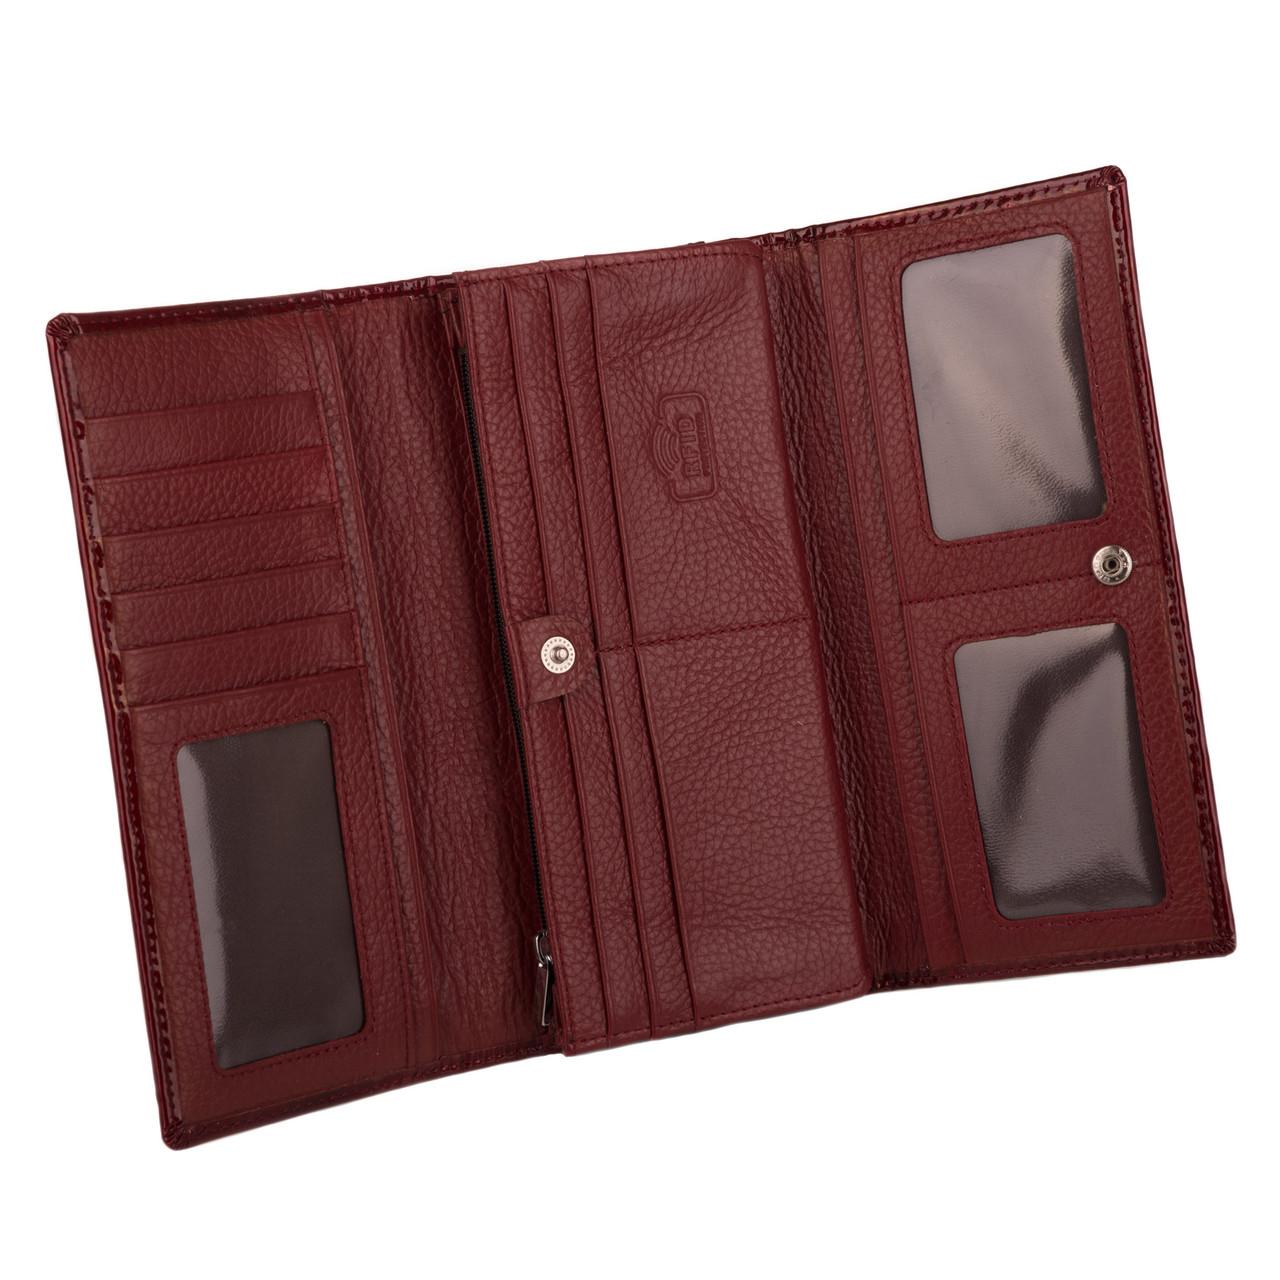 cb8bc2d23a63 Кошелек женский кожаный Kafa RFID AE031 красный: продажа, цена в ...